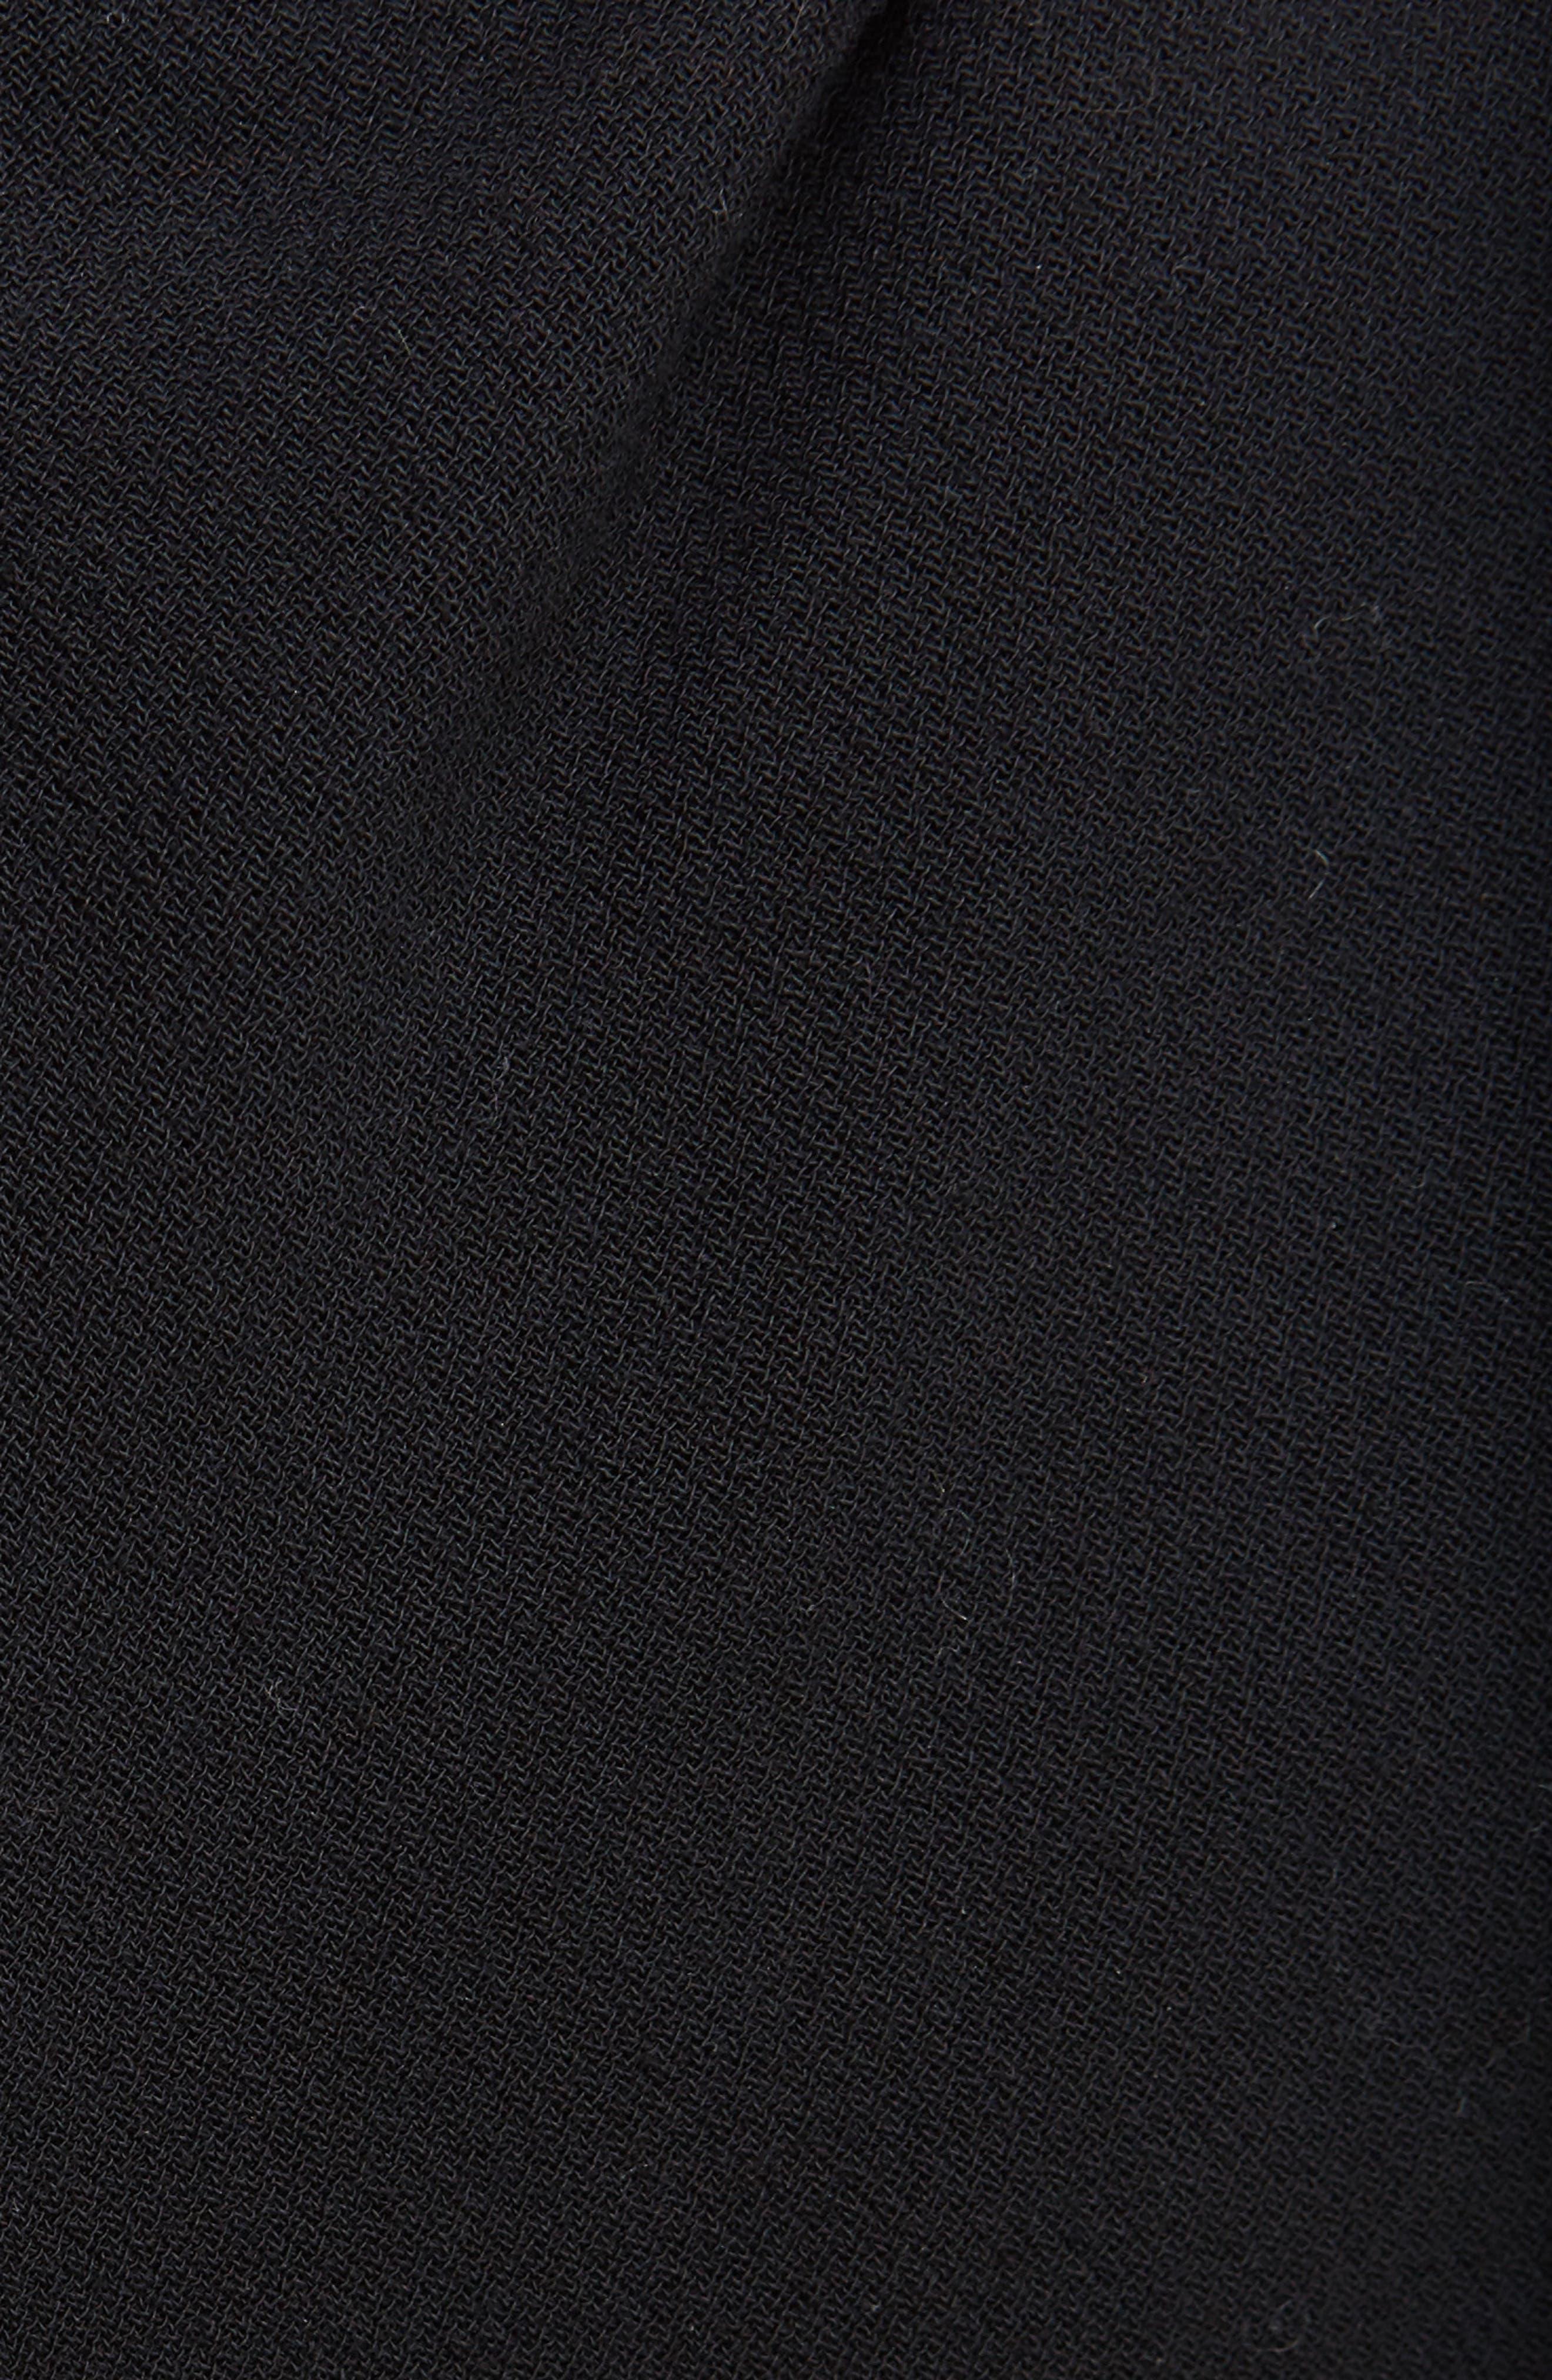 Drape Neck Dress,                             Alternate thumbnail 6, color,                             009